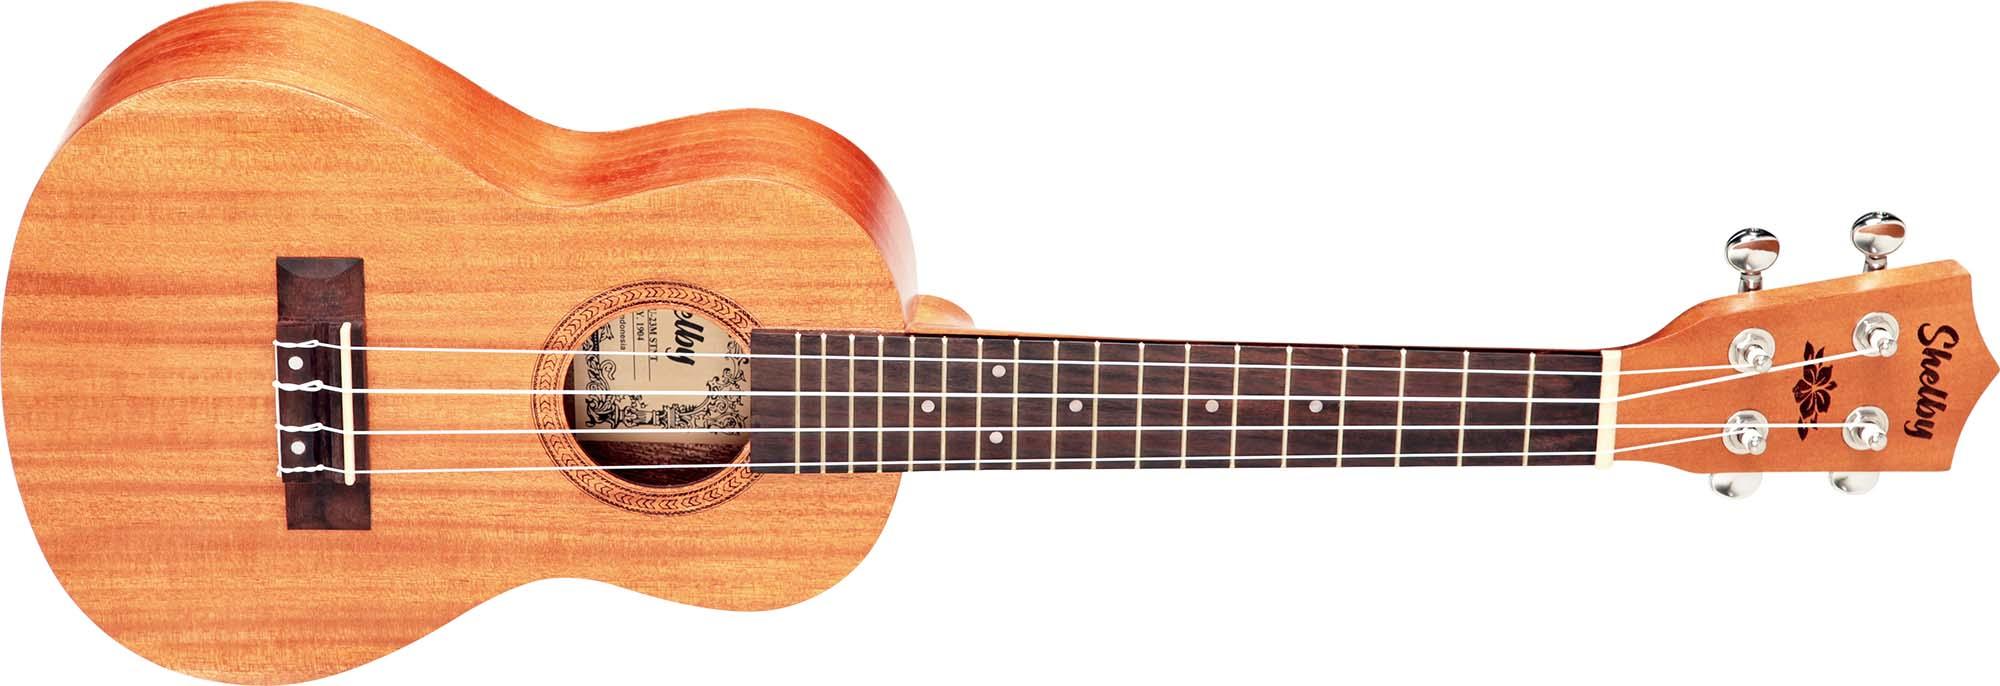 su23m ukulele concerto shelby su23m stnt mogno acetinado visao frontal